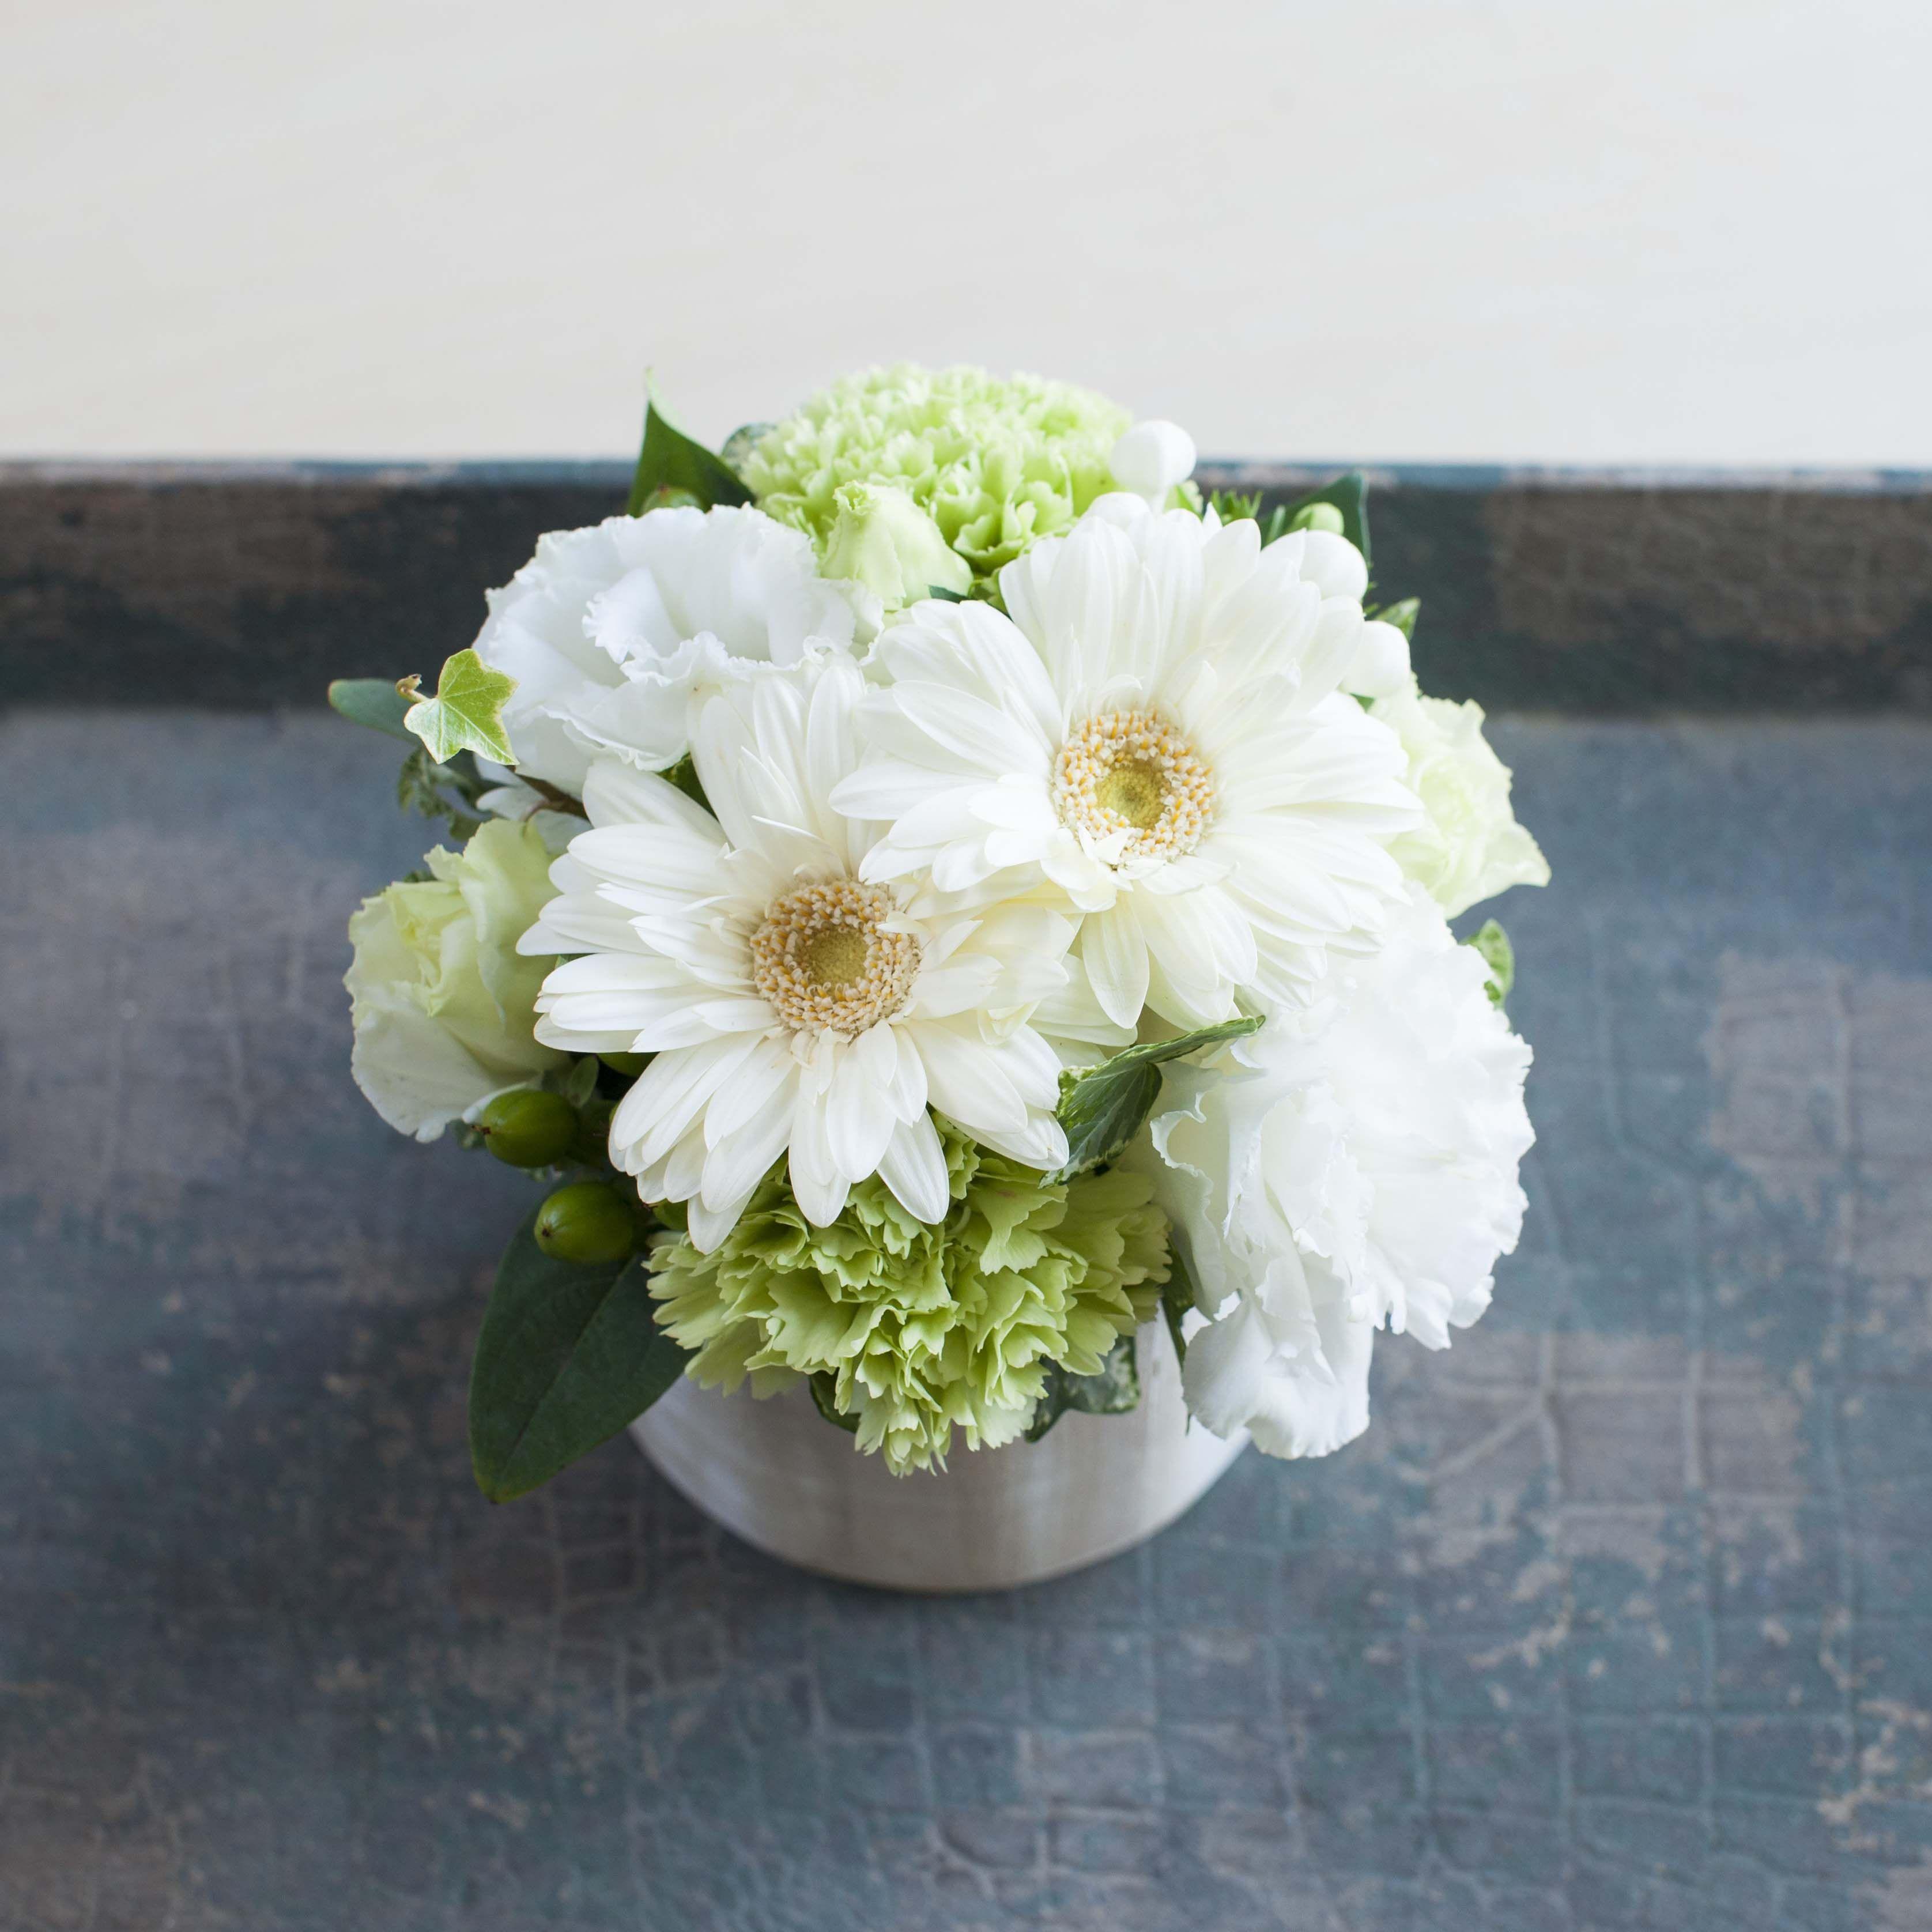 白でまとめた小さなアレンジメントssサイズ 幅約15cm 高さ約18cm 仏壇 花 白い花 お供え